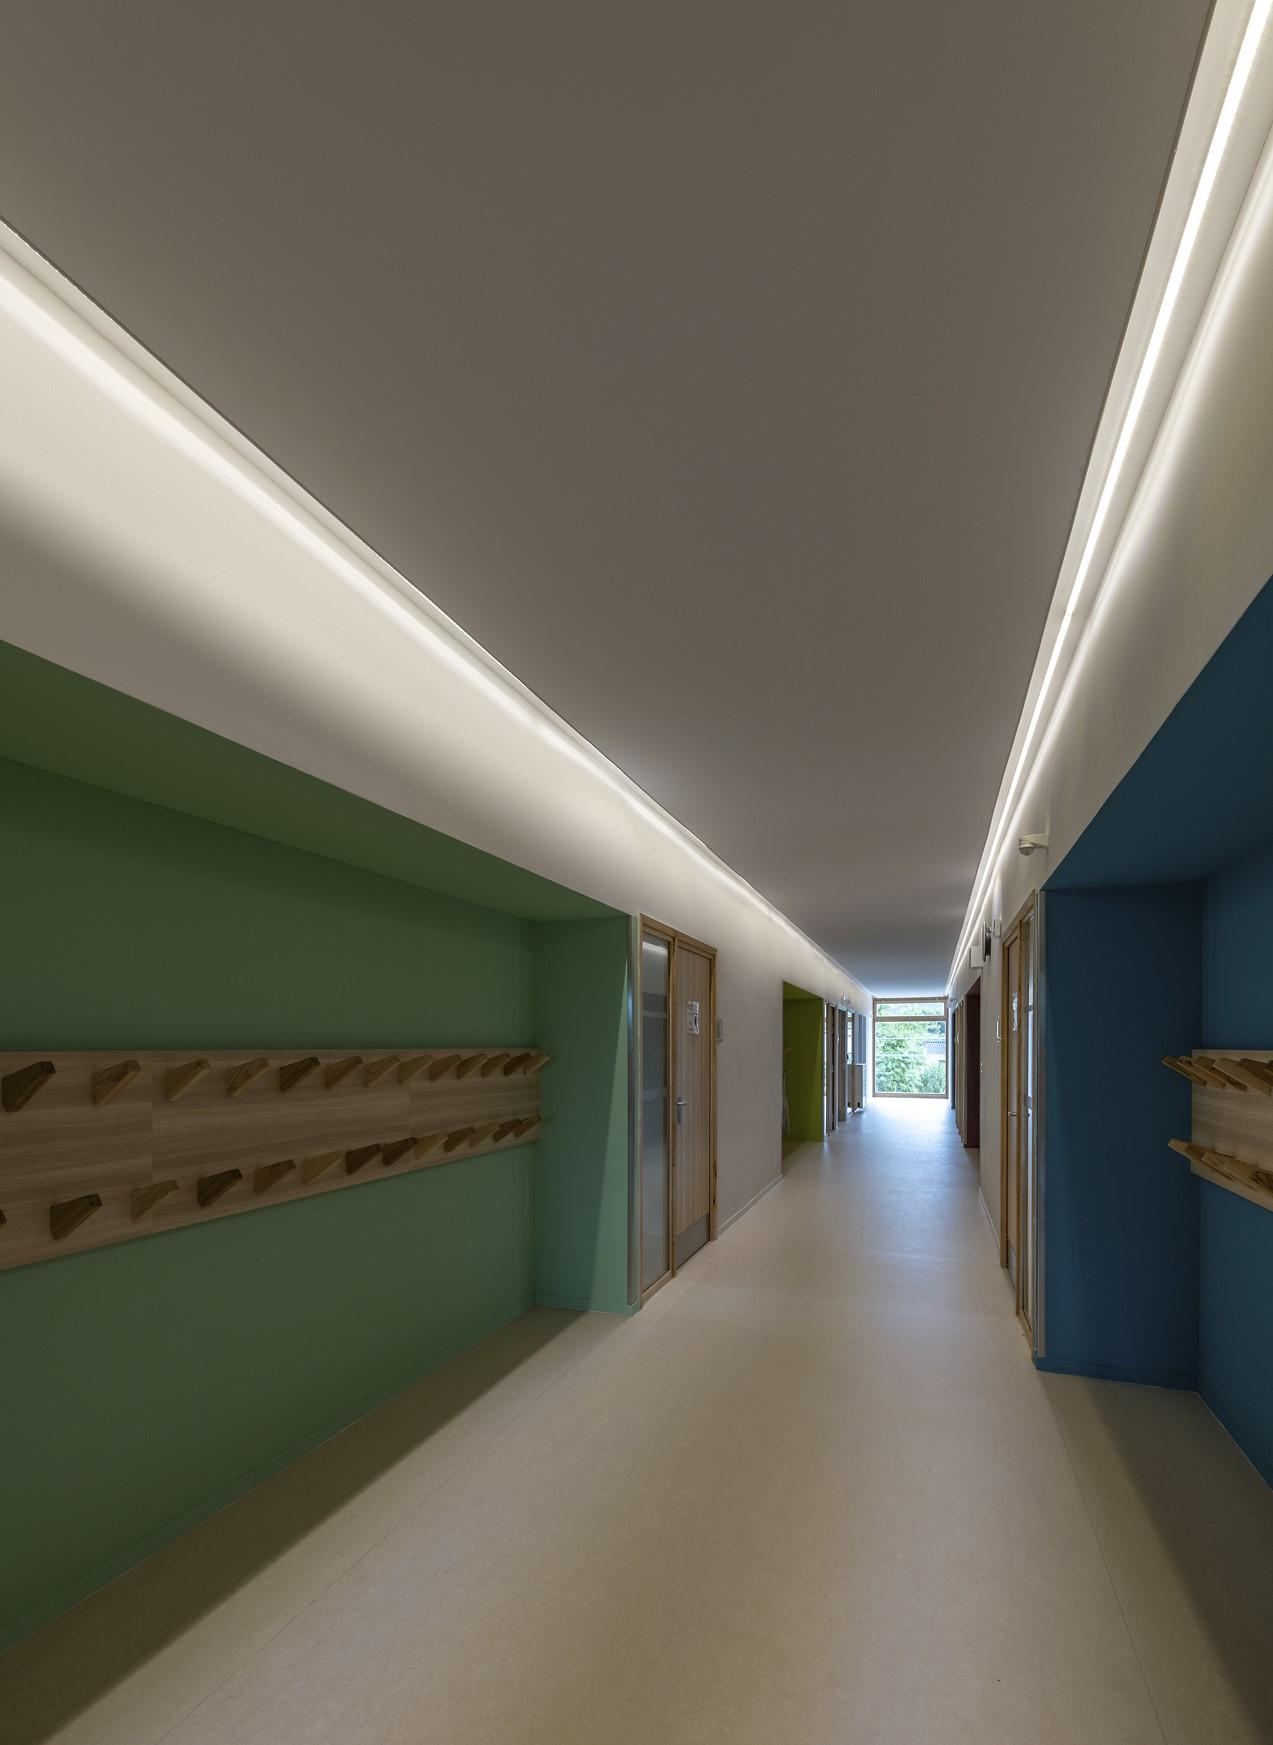 Gorge lumineuse dans un couloire de l'école Simone Veil